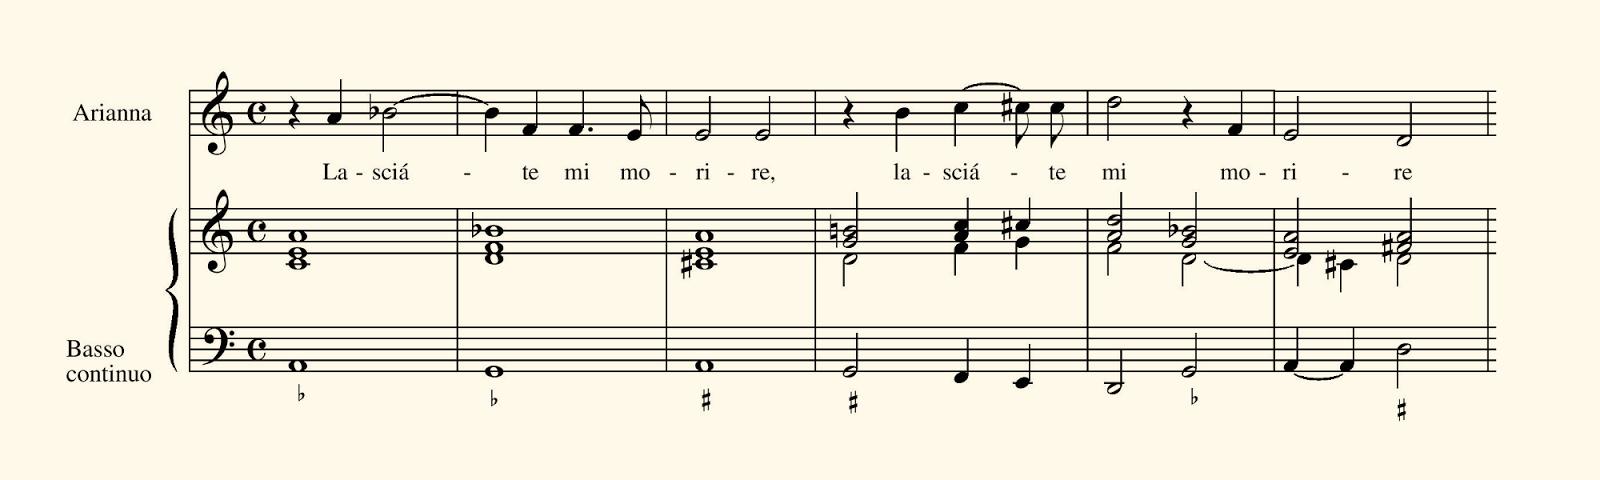 Figura 3. Partitura de los compases iniciales del Lamento de Ariadna de Monteverdi.